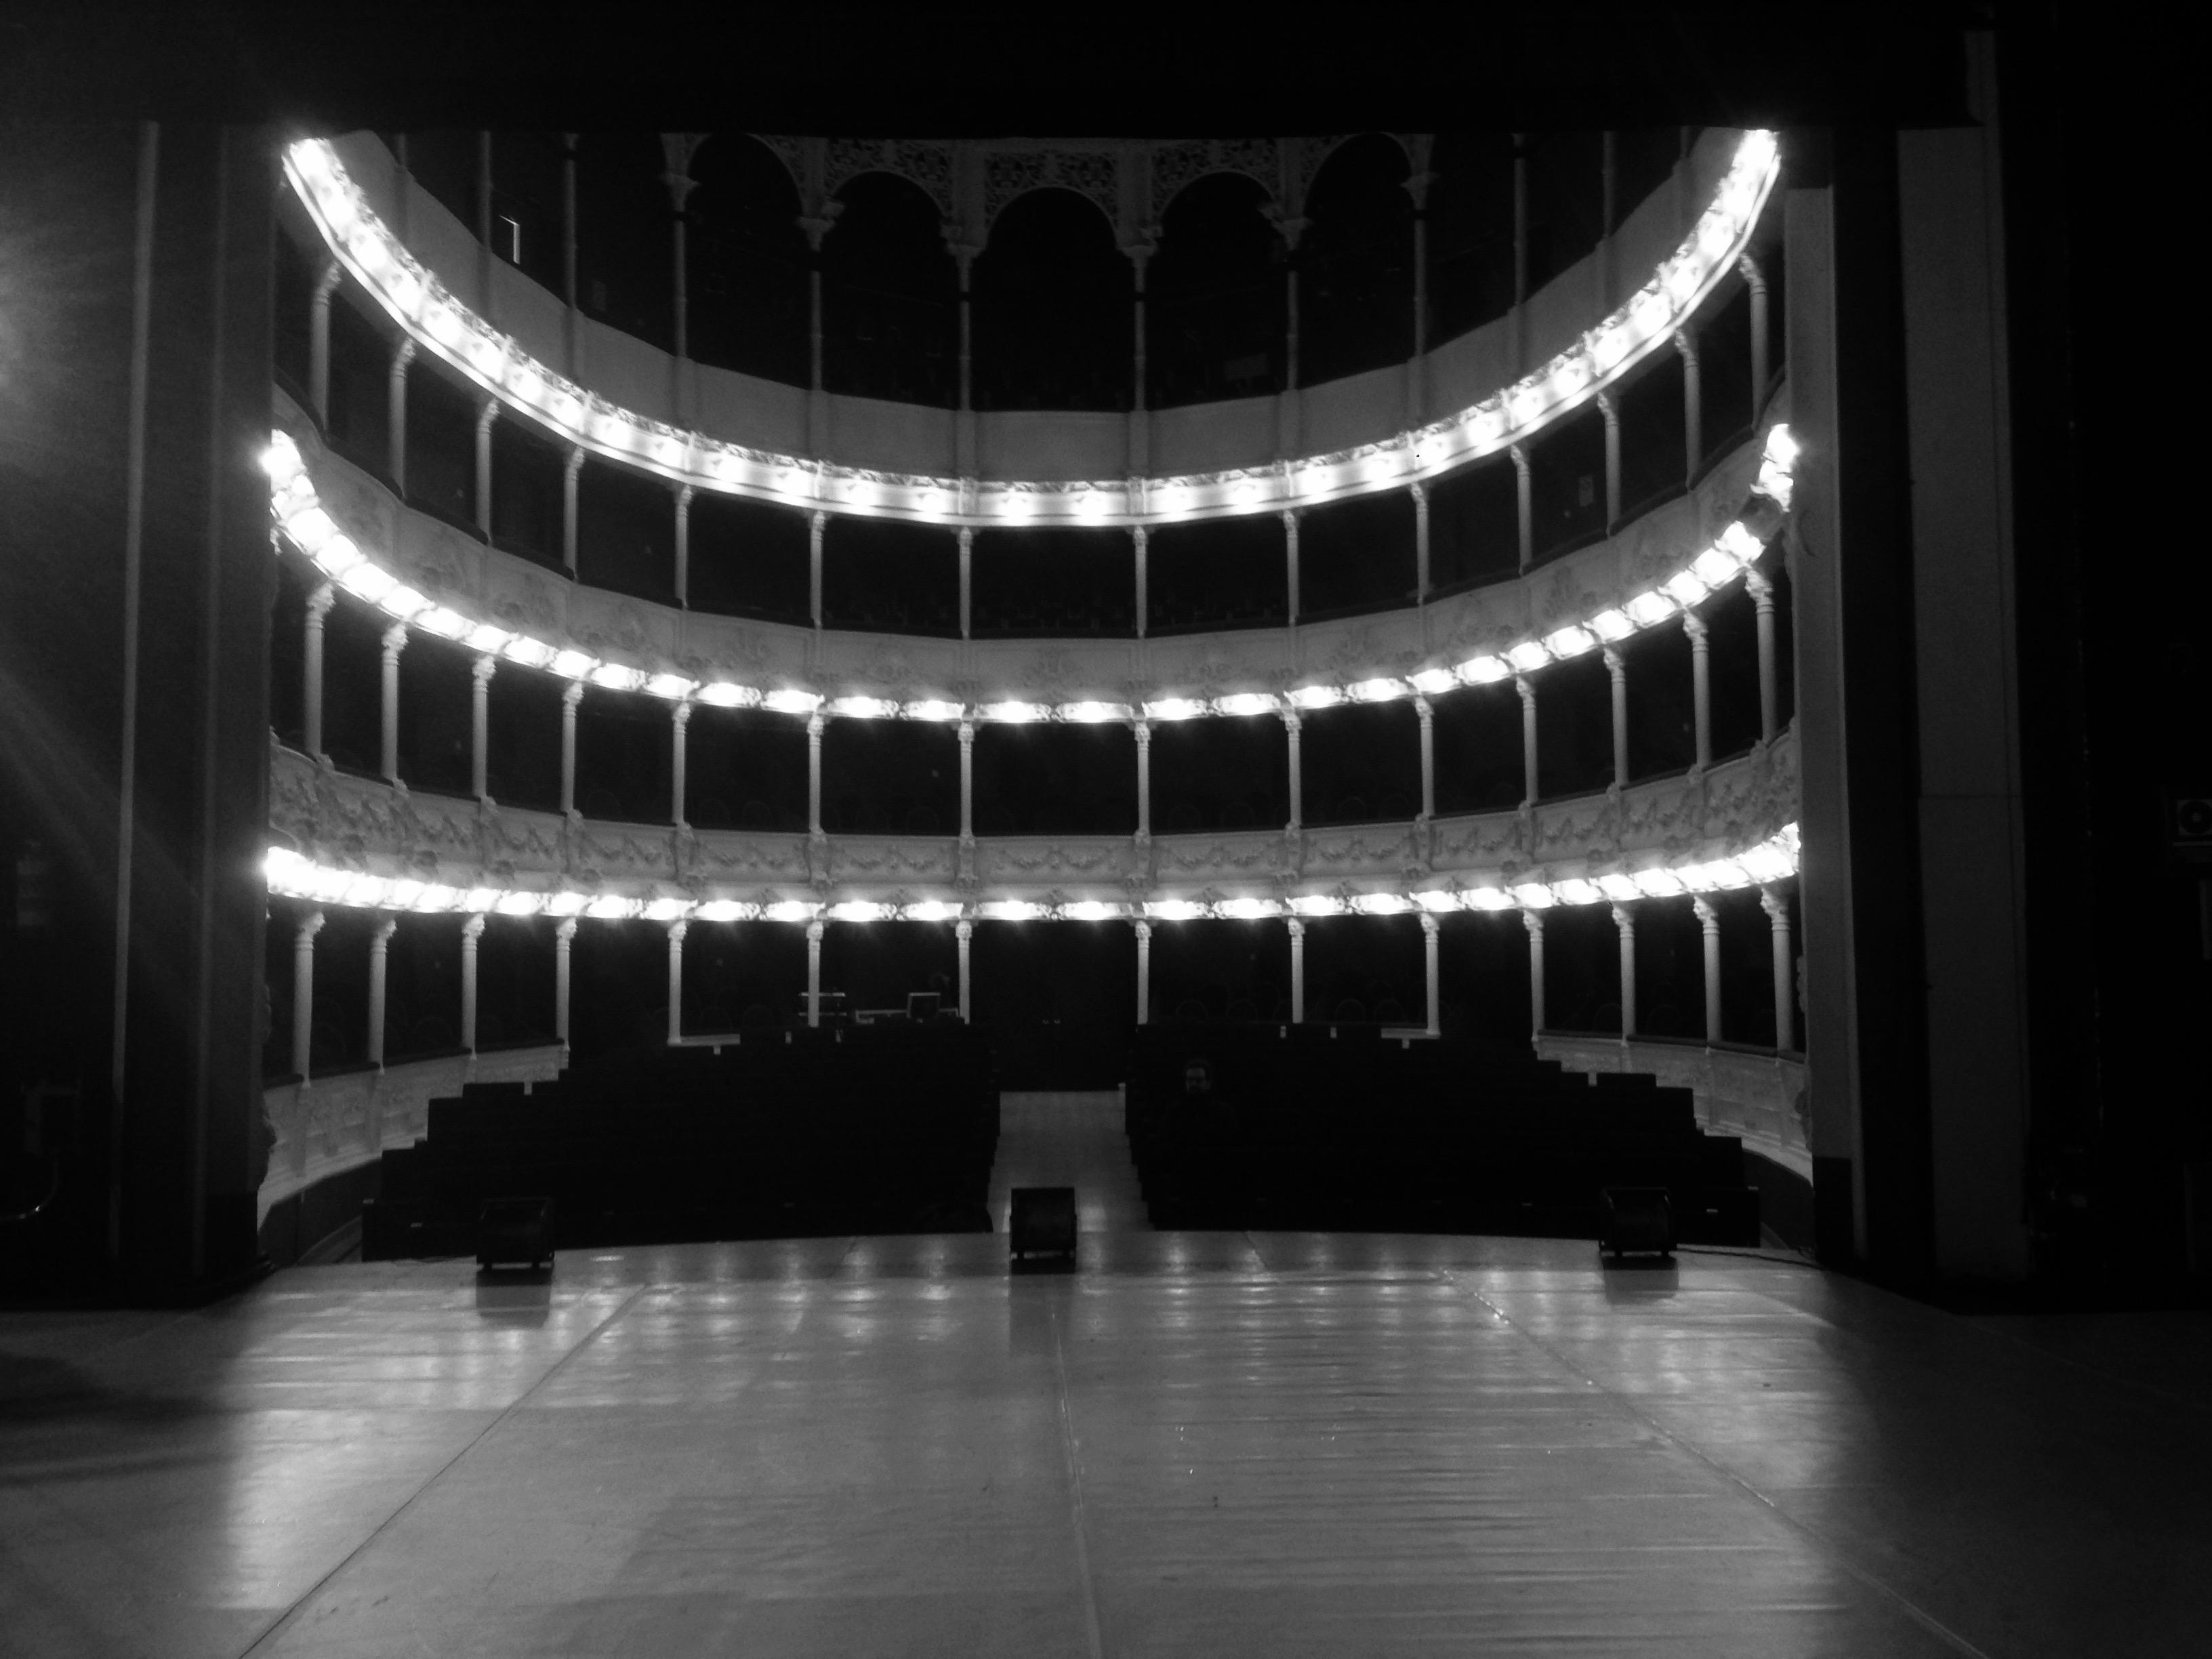 Theatre in Cadiz, Spain